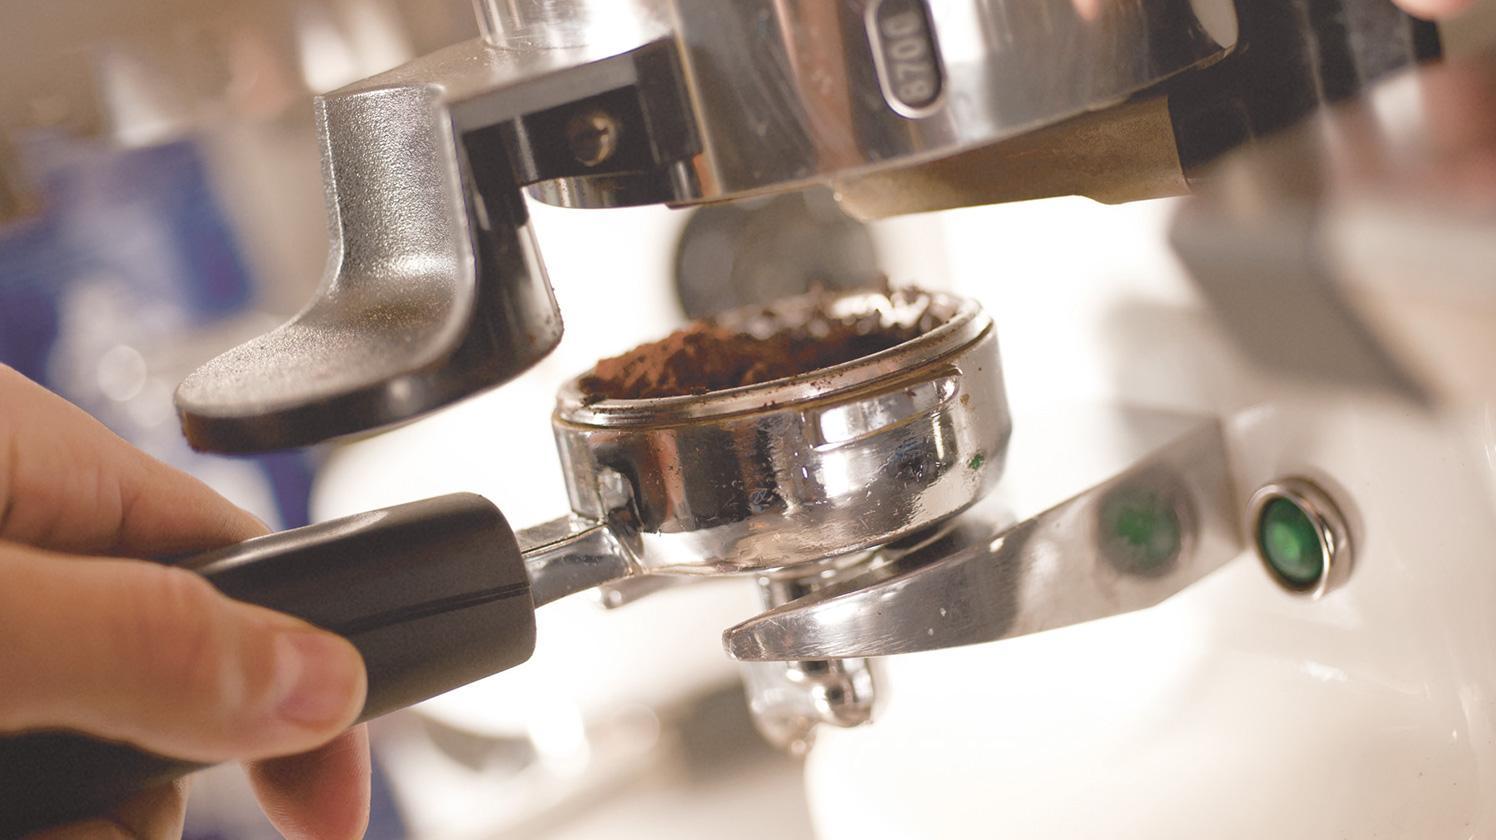 BRITA filter AquaAroma Crema koffie zetten